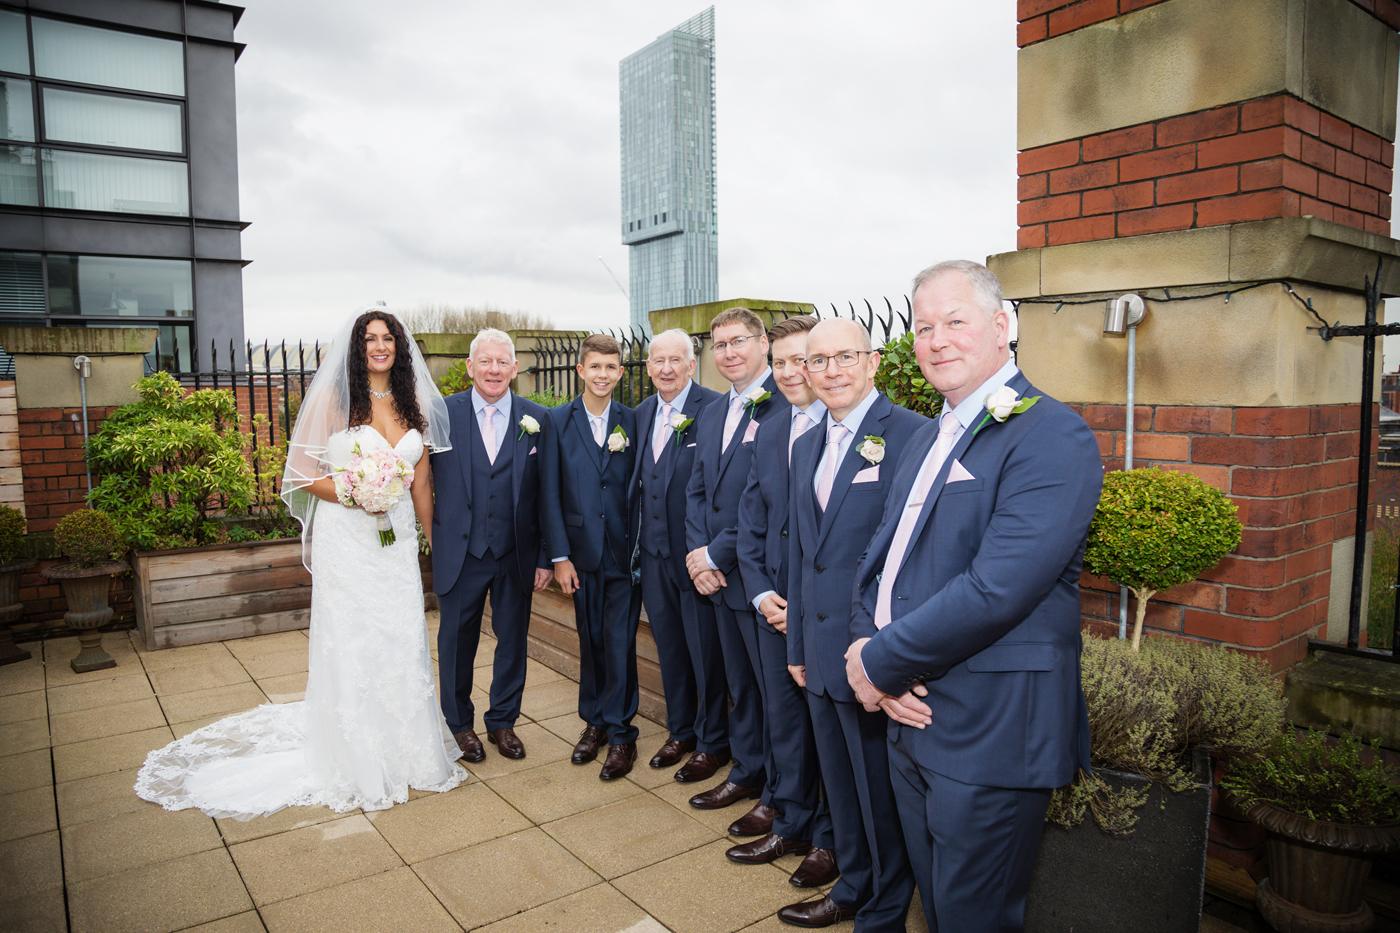 Legg-Wedding-9274.jpg